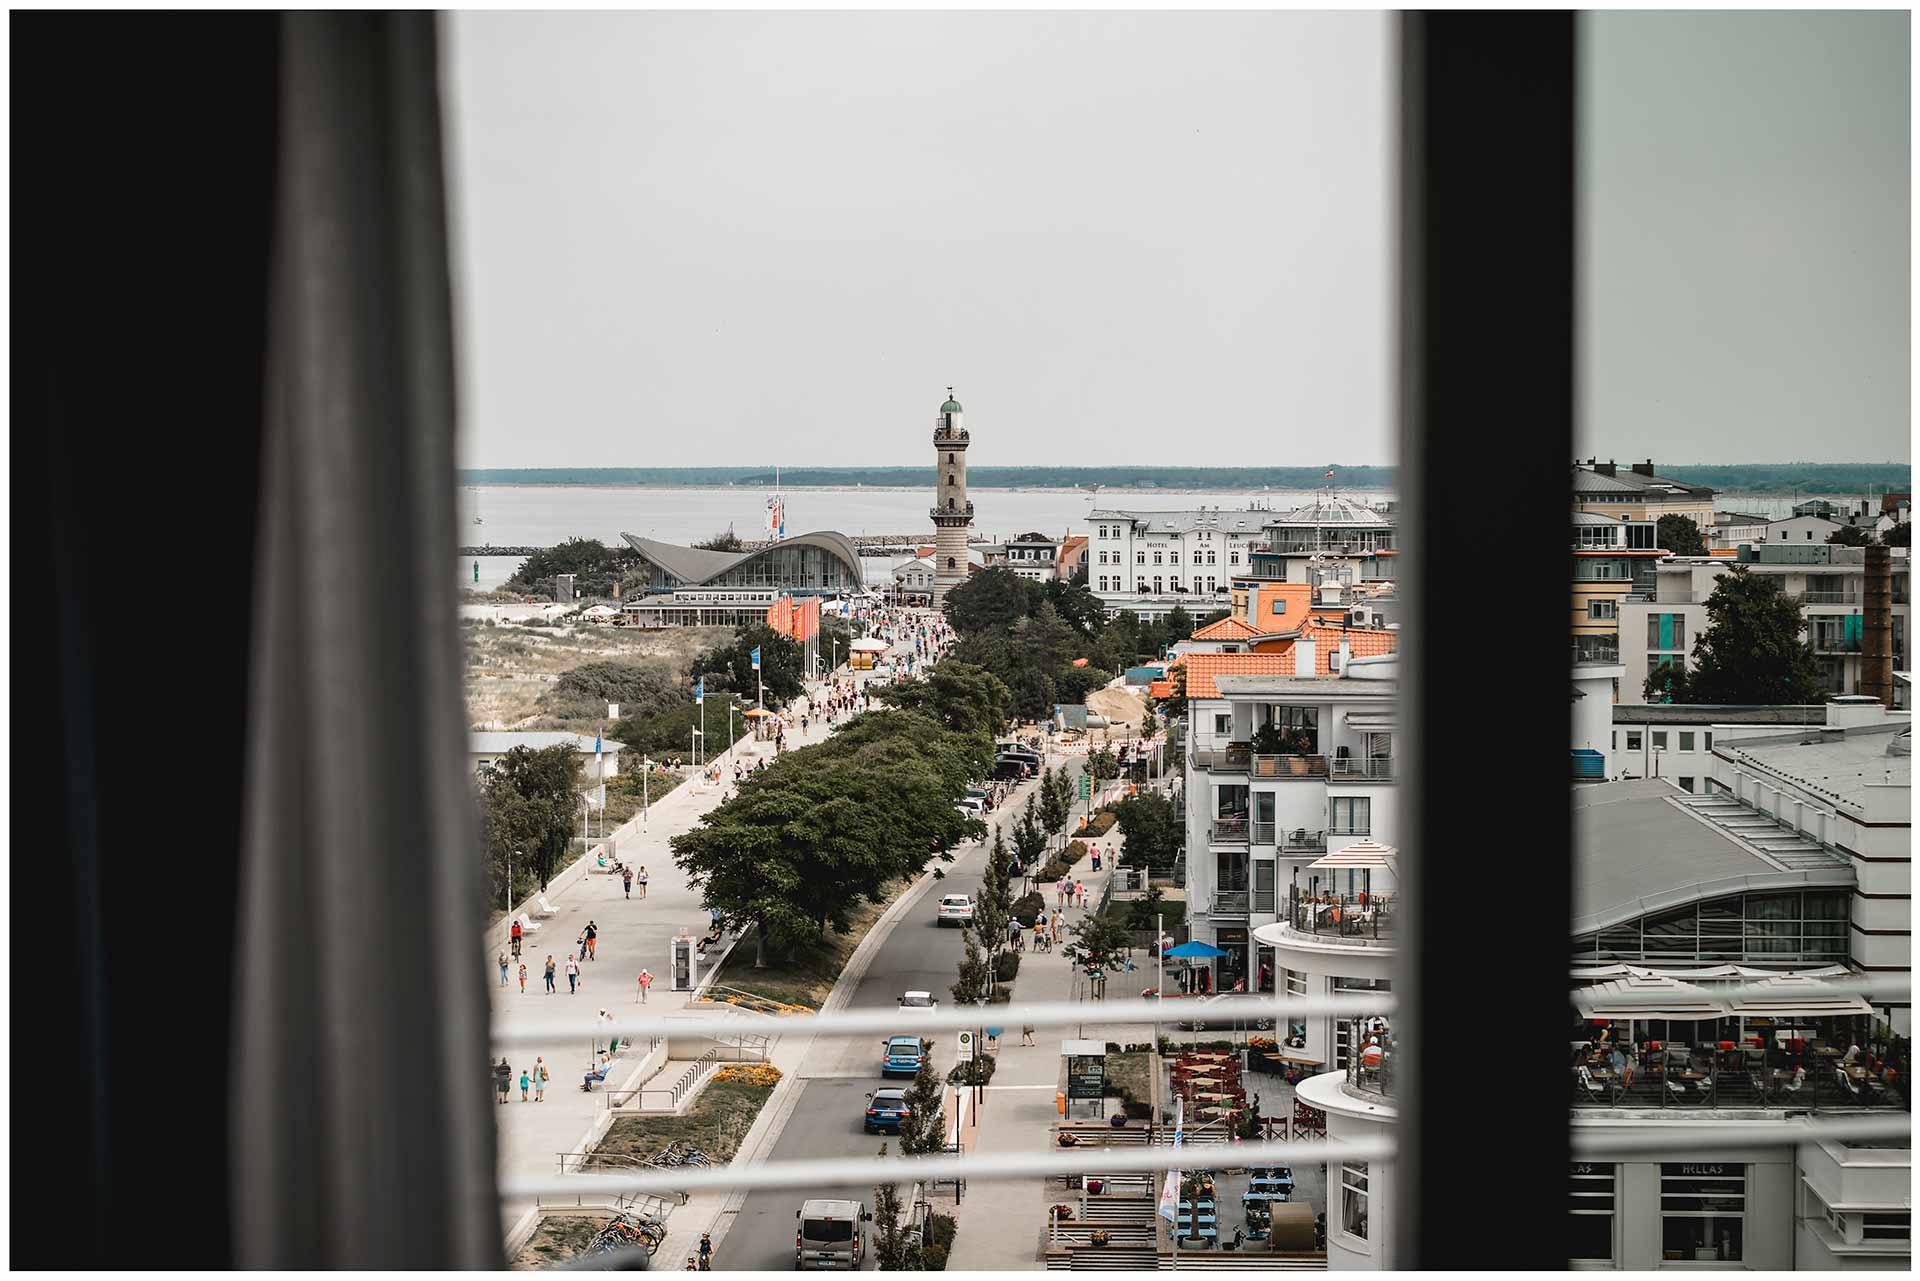 Blick-ueber-Warnemuende-vom-Balkon-des-Hotel-Neptun-Hochzeitsfotograf-Warnemuende-Rostock-Hochzeitsfotograf-Ostseebad-Warnemuende